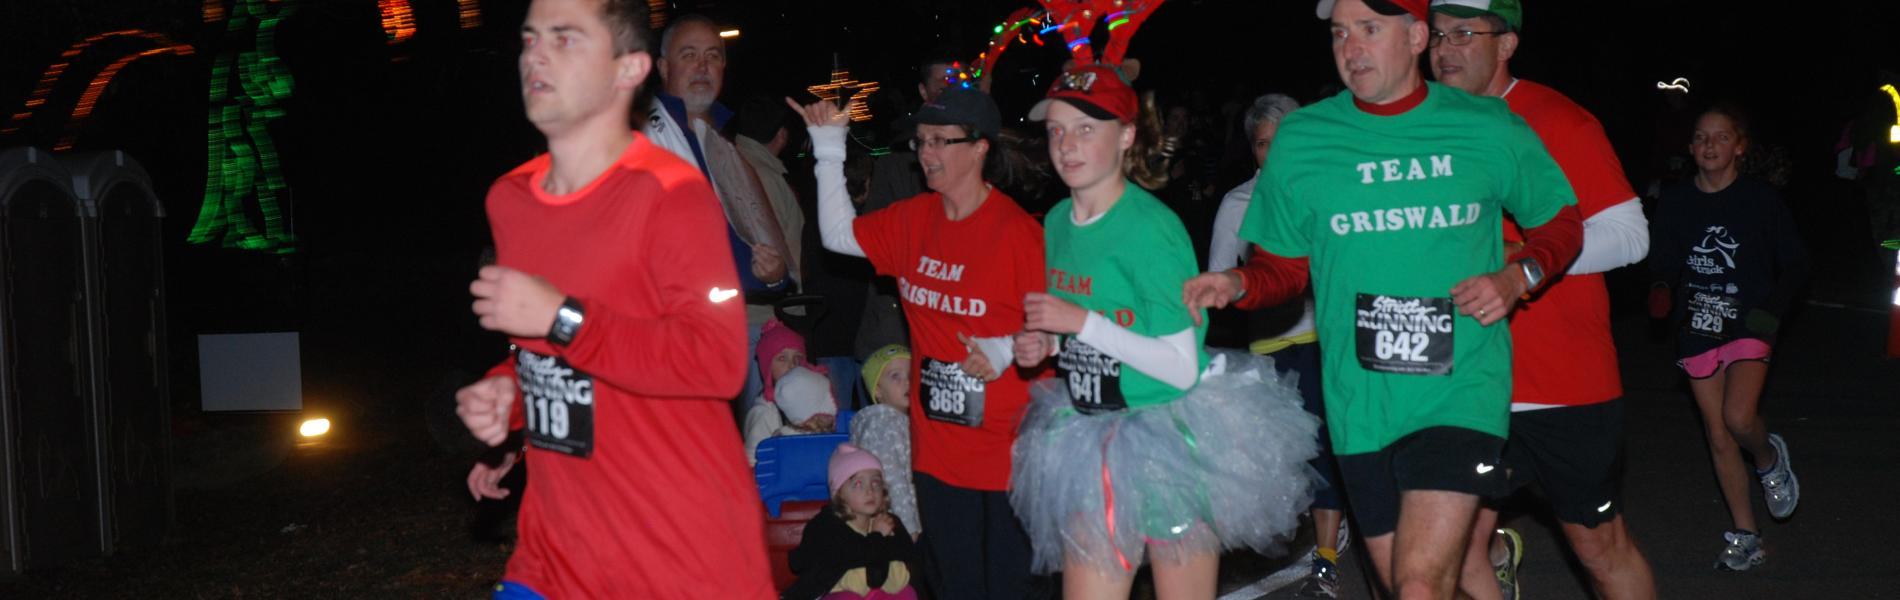 Sleigh Bell Trot runners